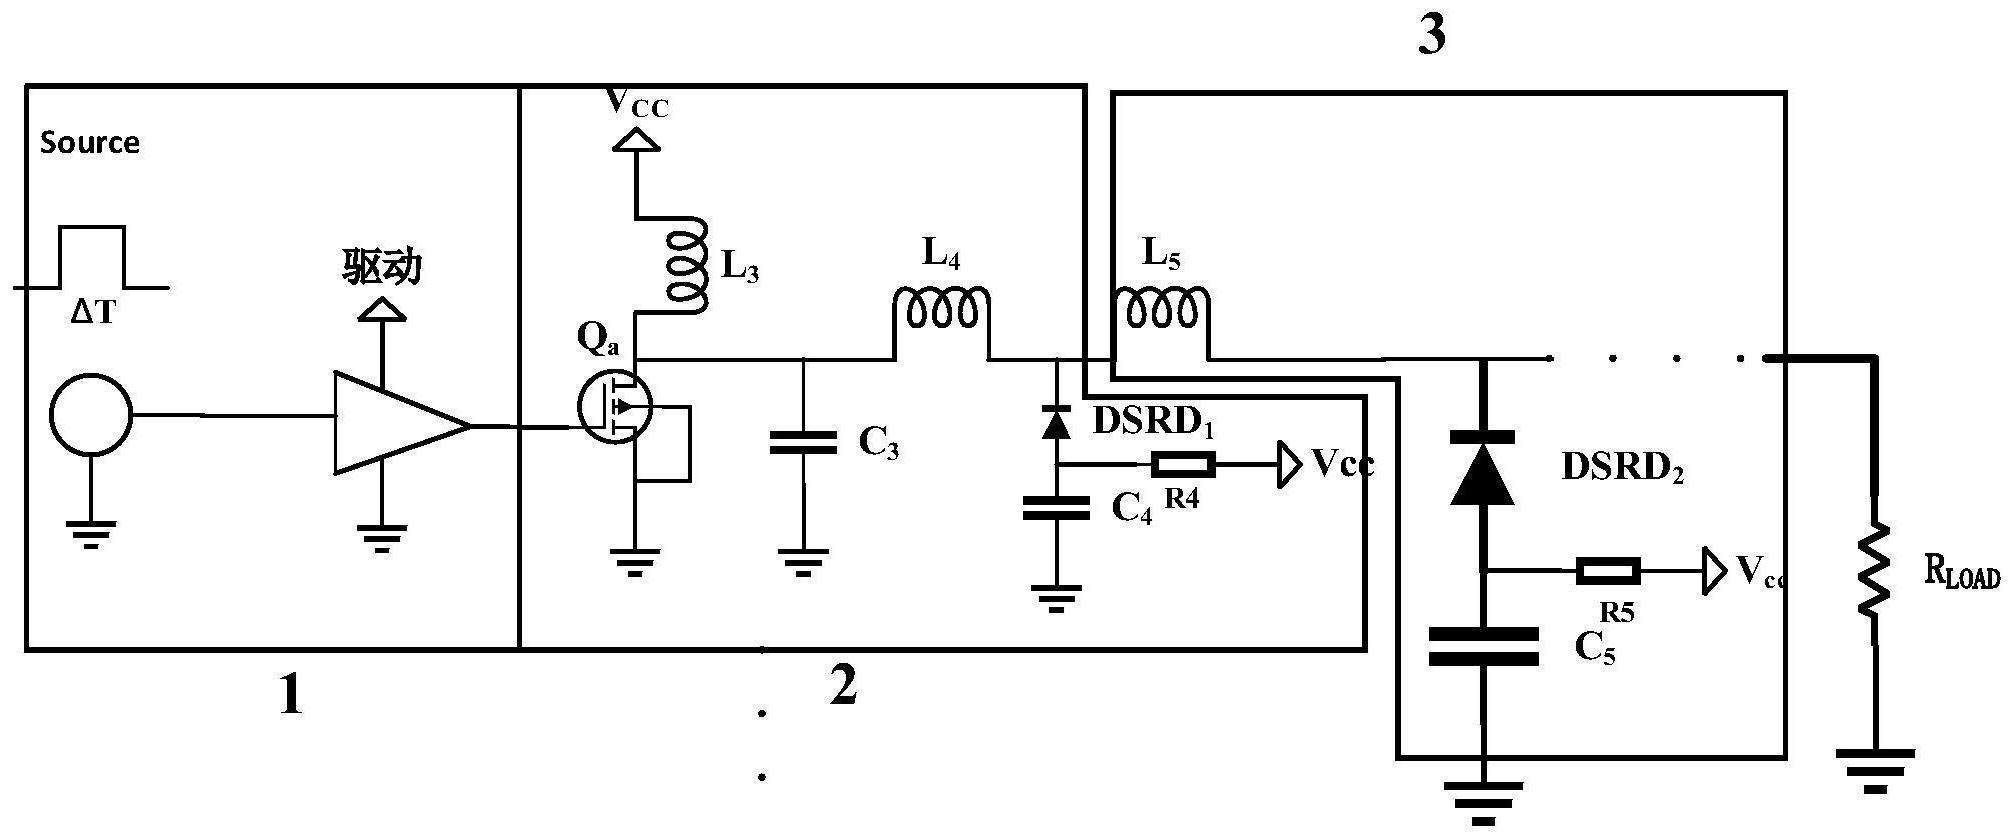 一种基于SiCDSRD器件的脉冲压缩结构